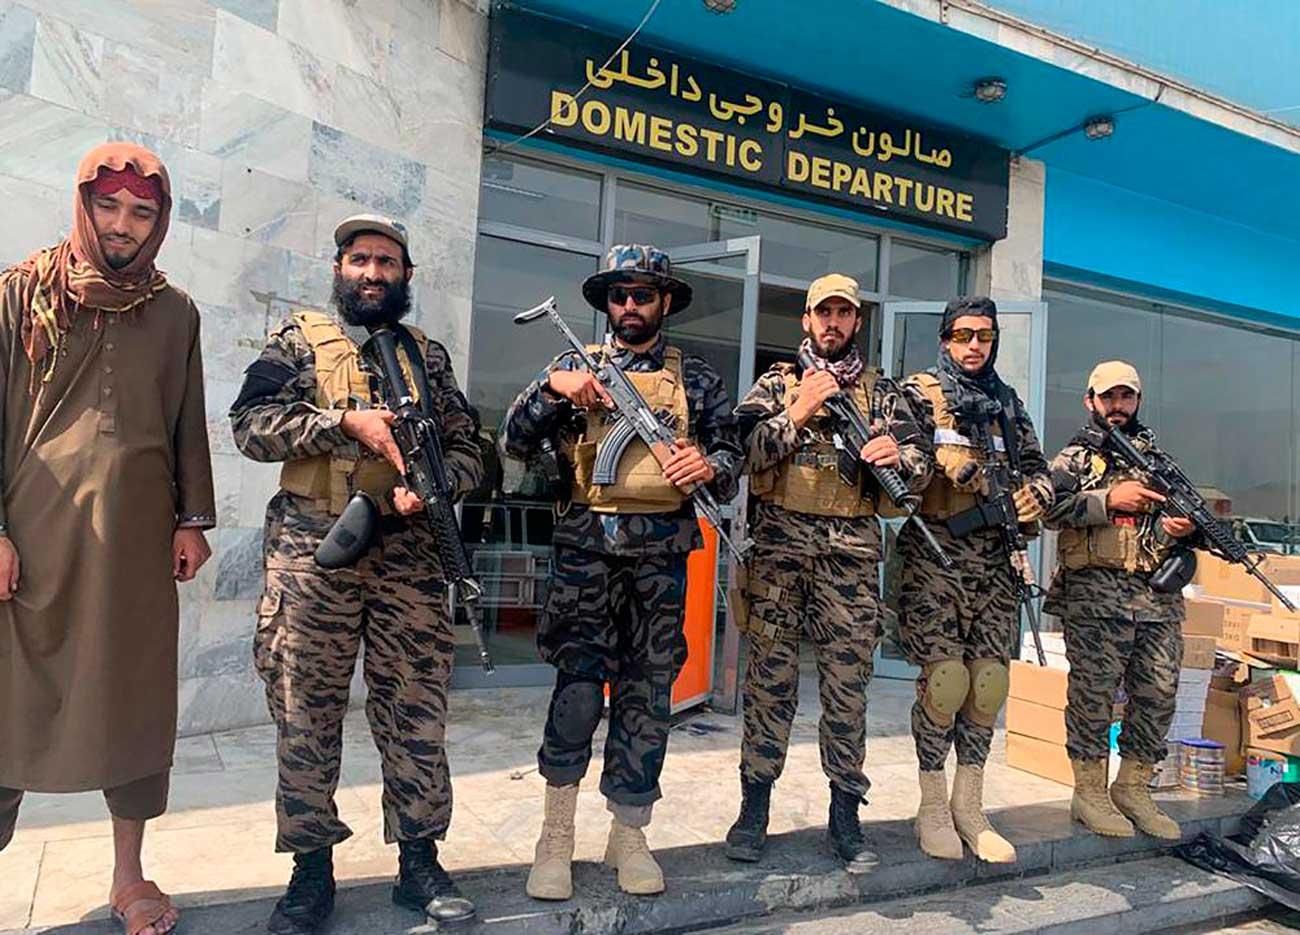 Los talibanes declaran la victoria sobre Estados Unidos desde el aeropuerto de Kabul